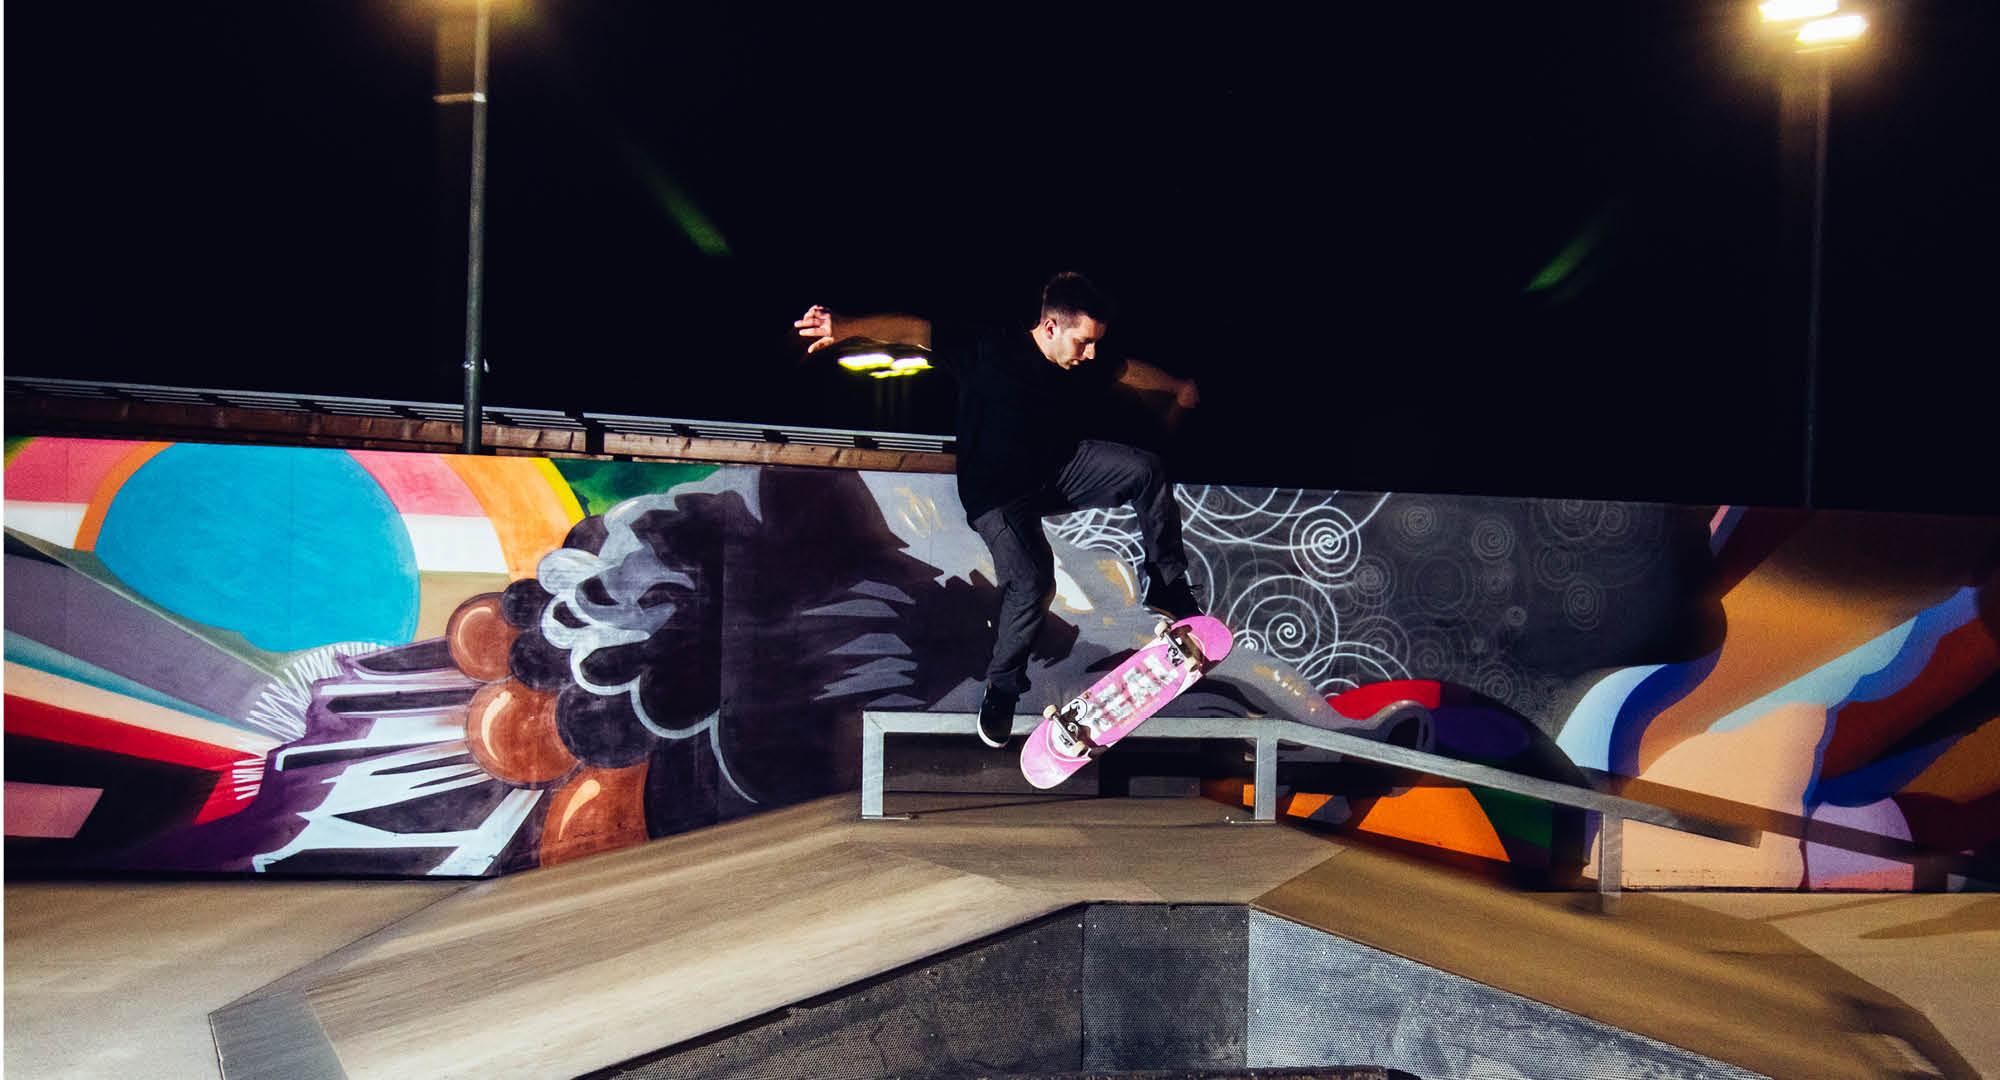 Nachtaufnahmen auf dem Skatepark in Ebersberg. Bidler utner Flutlichtanlage aufgenommen, gesponsert von Rothmoser.